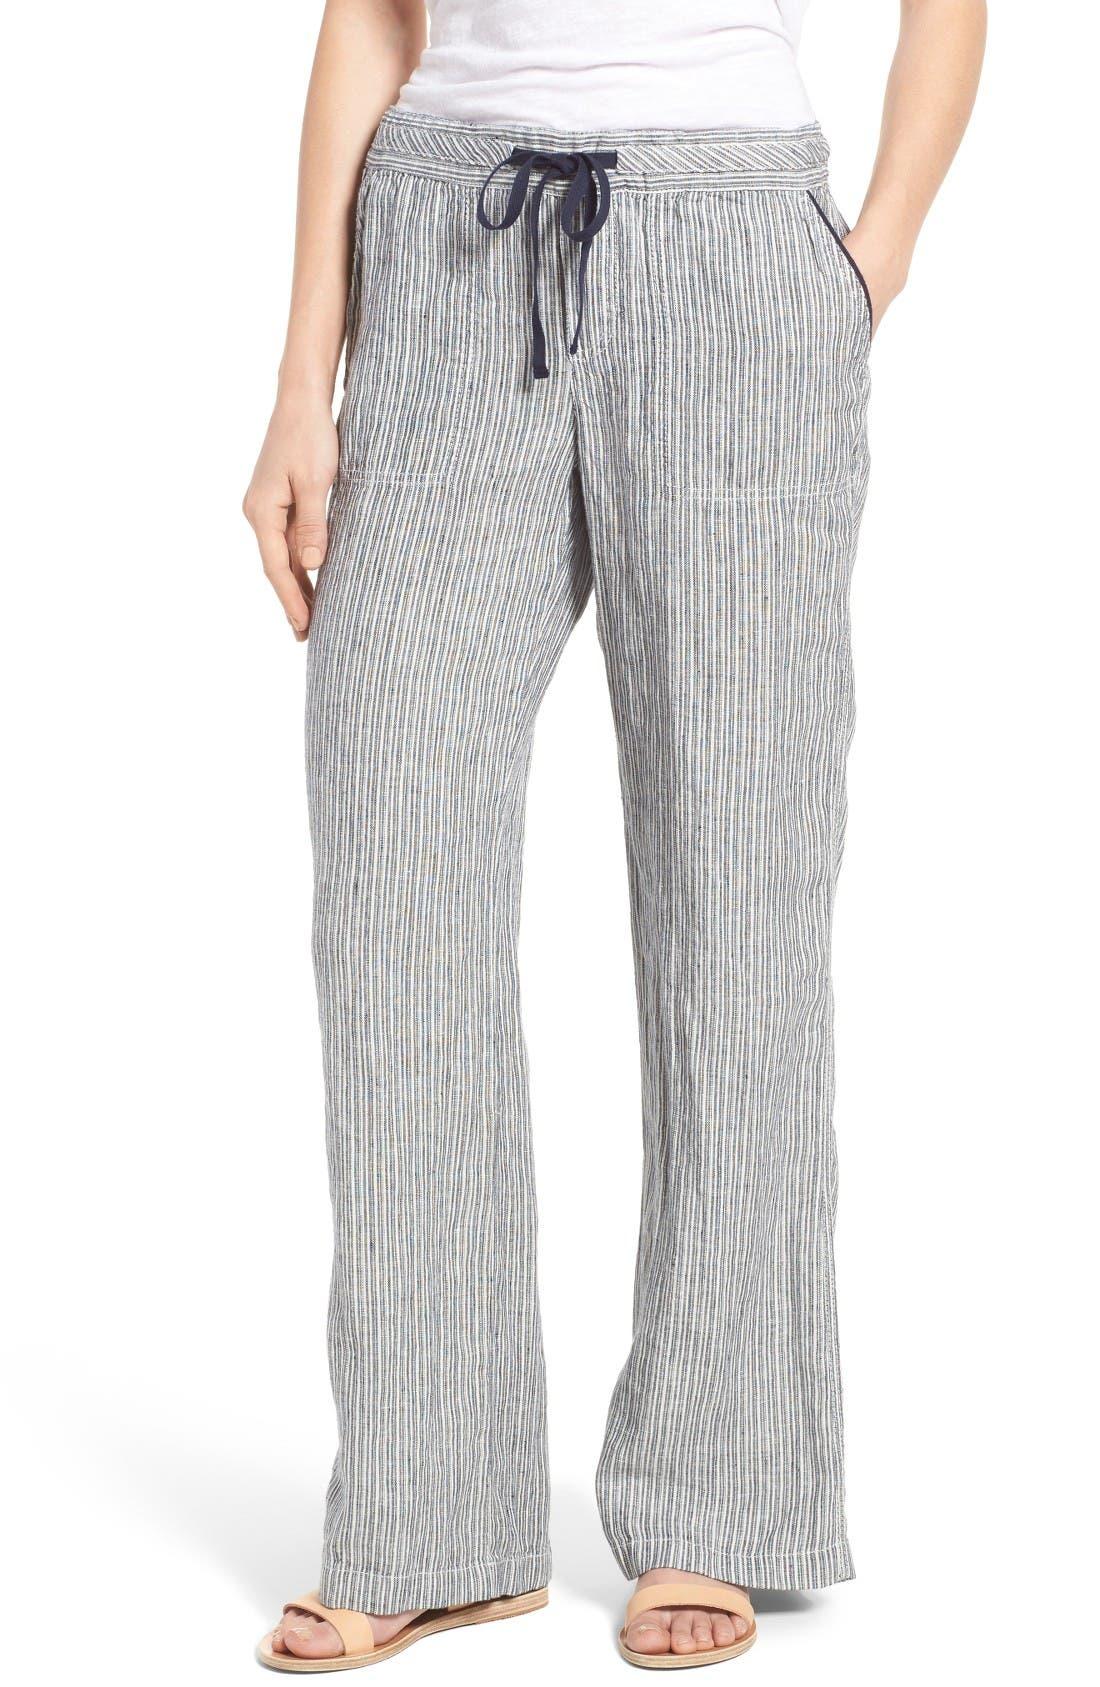 Gray Pants For Women GD1Dgsvu